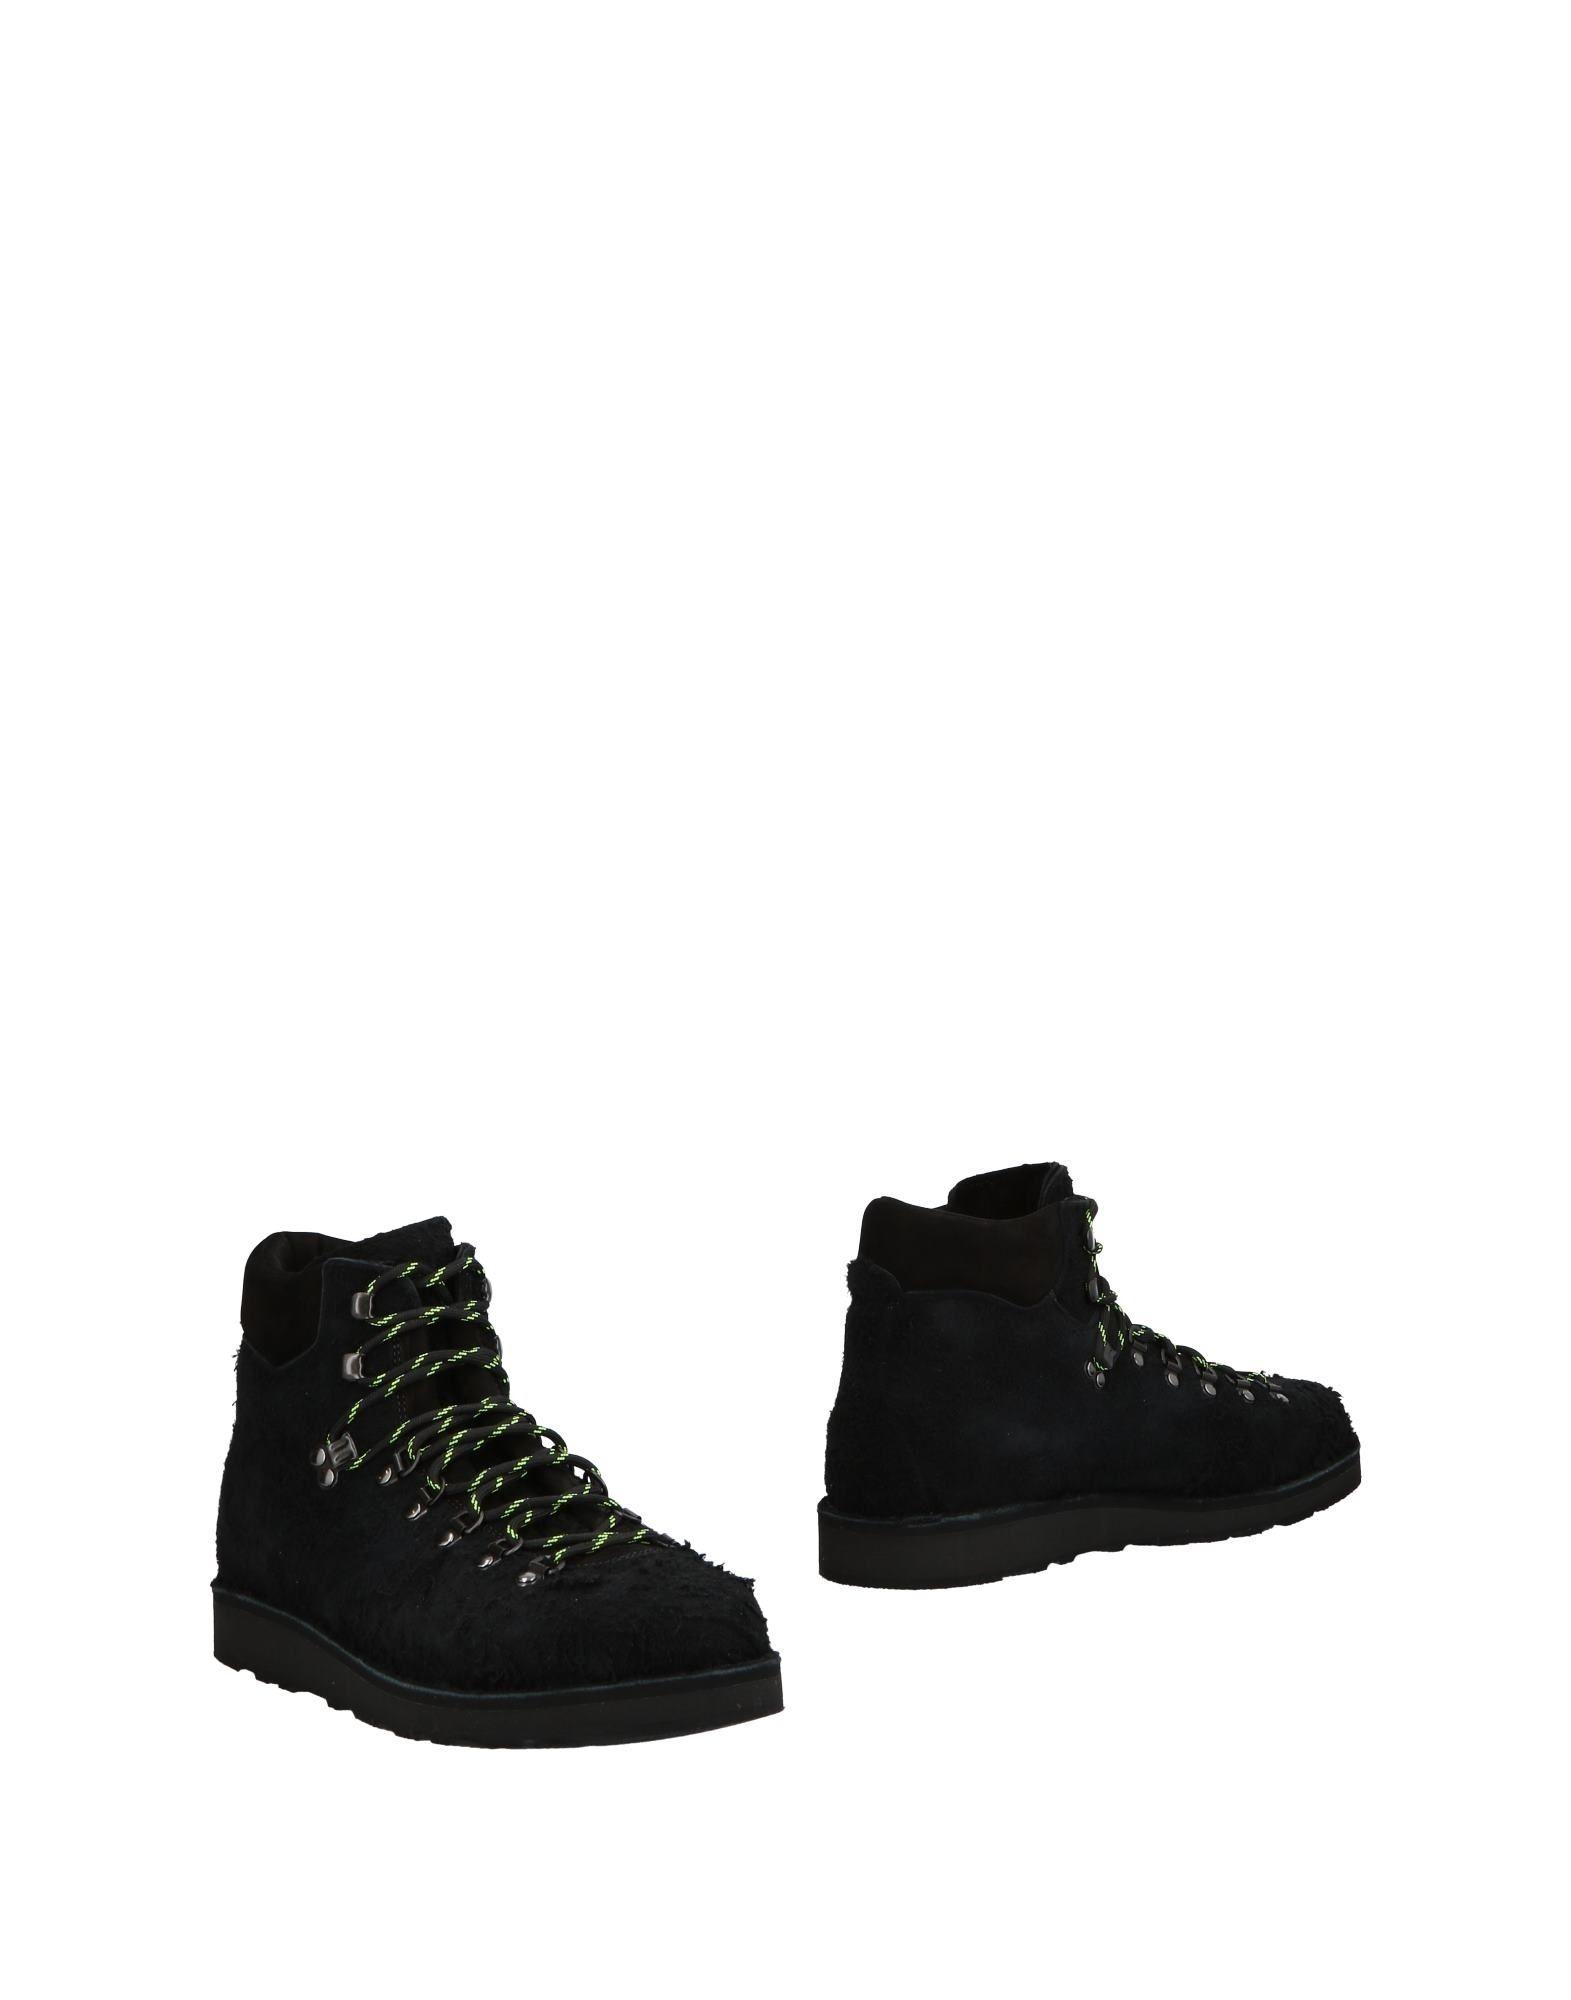 Diemme Stiefelette Herren  11498183SX Gute Qualität beliebte Schuhe